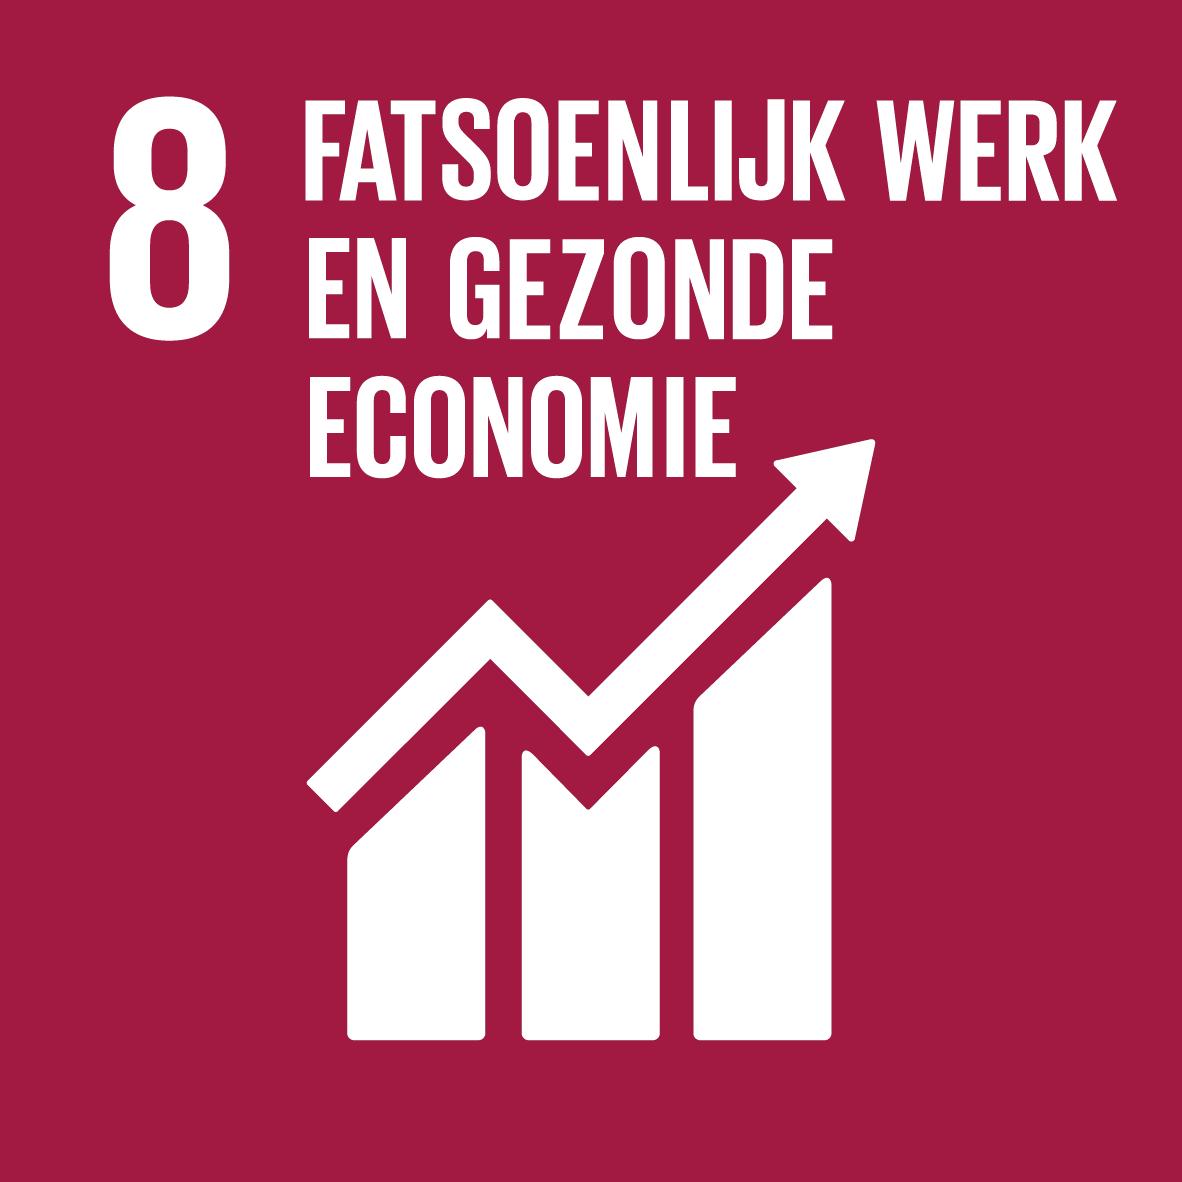 08. Fatsoenlijk werk en gezonde economie